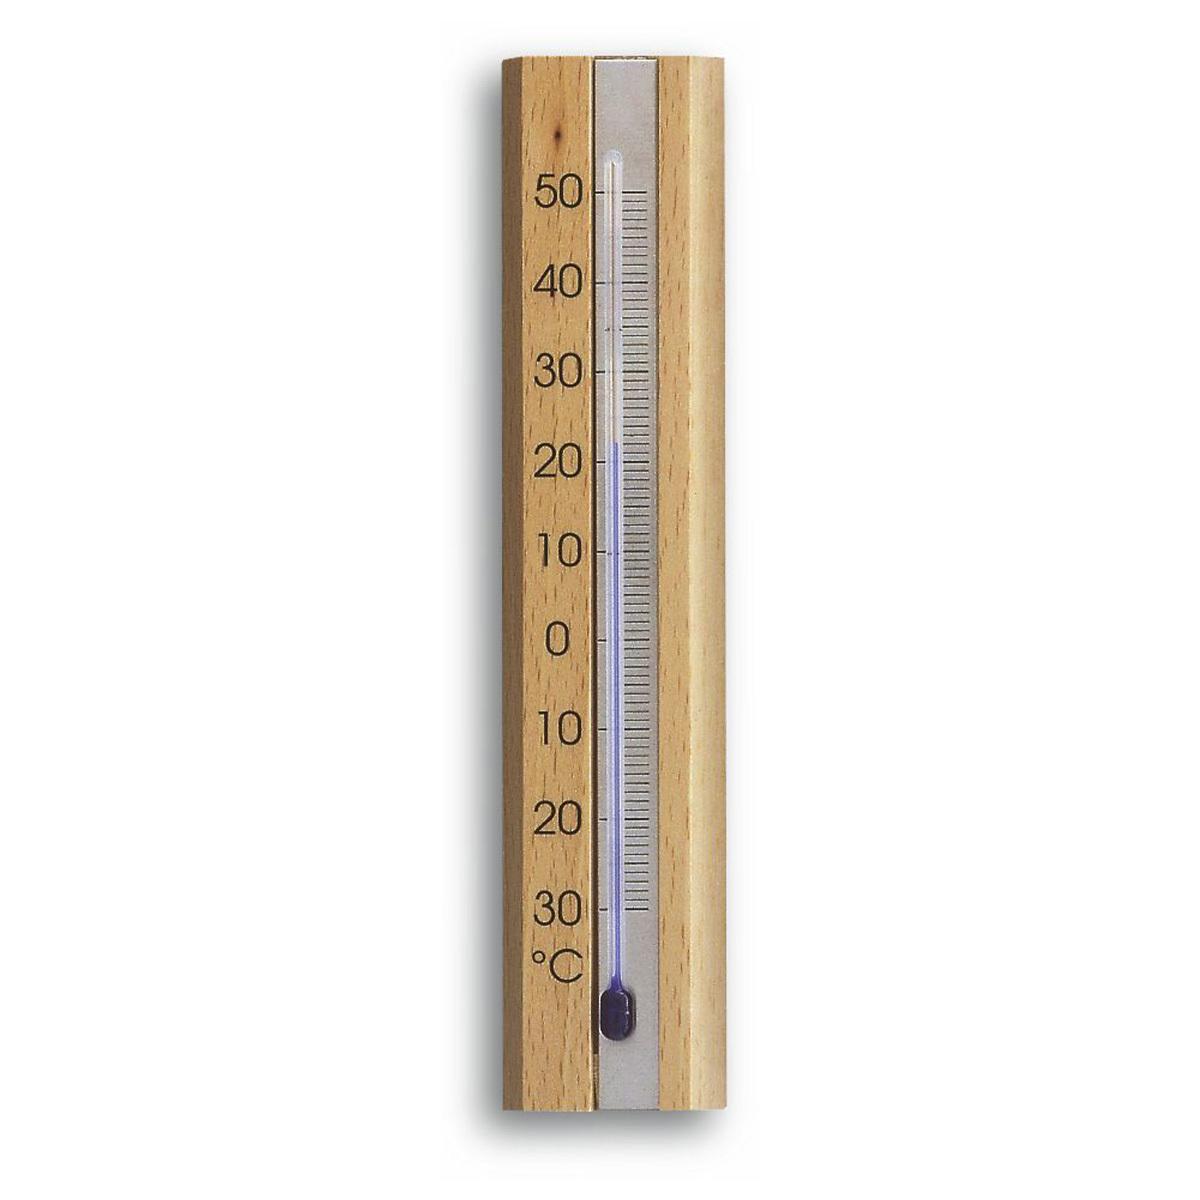 12-1042-05-analoges-innen-aussen-thermomter-buche-1200x1200px.jpg